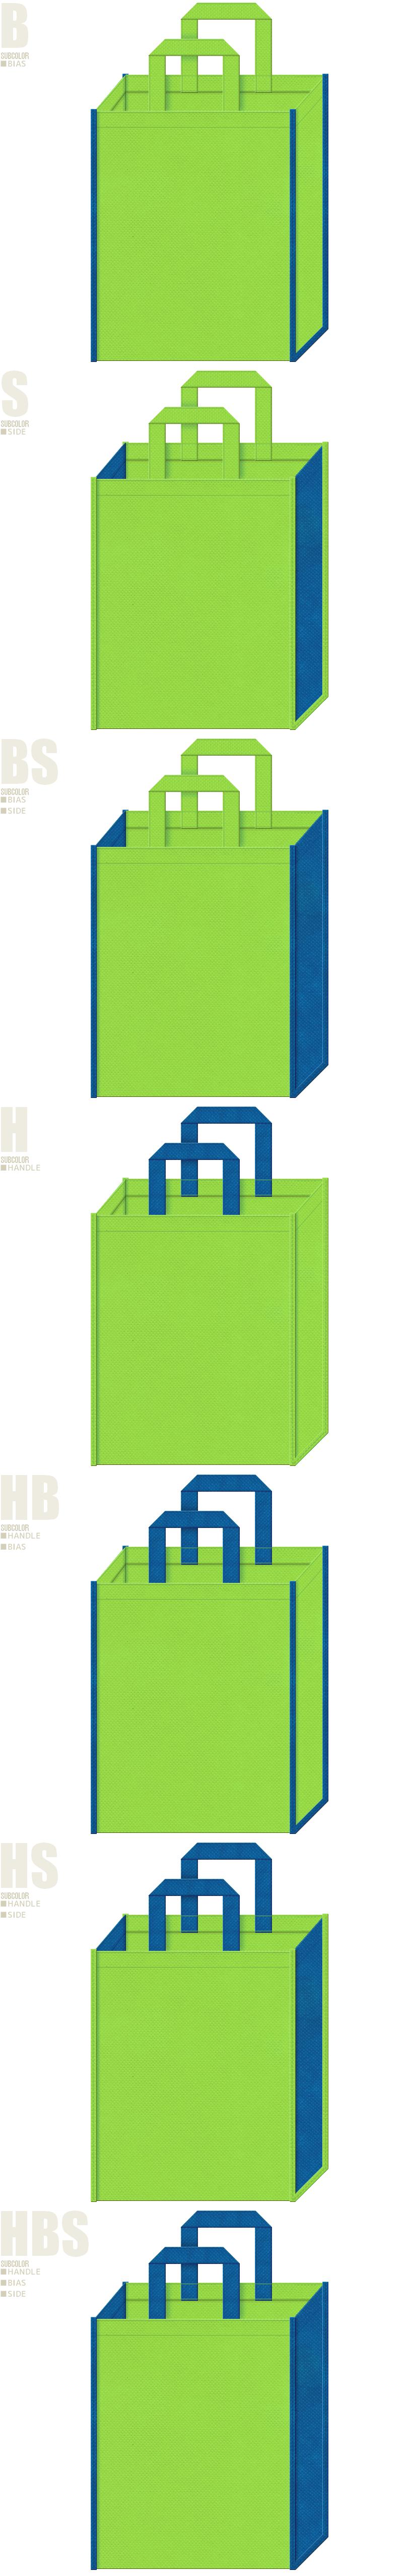 ロールプレイングゲーム・サイクリング・スポーツ用品・アウトドア用品の展示会用バッグにお奨めの不織布バッグデザイン:黄緑色と青色の配色7パターン